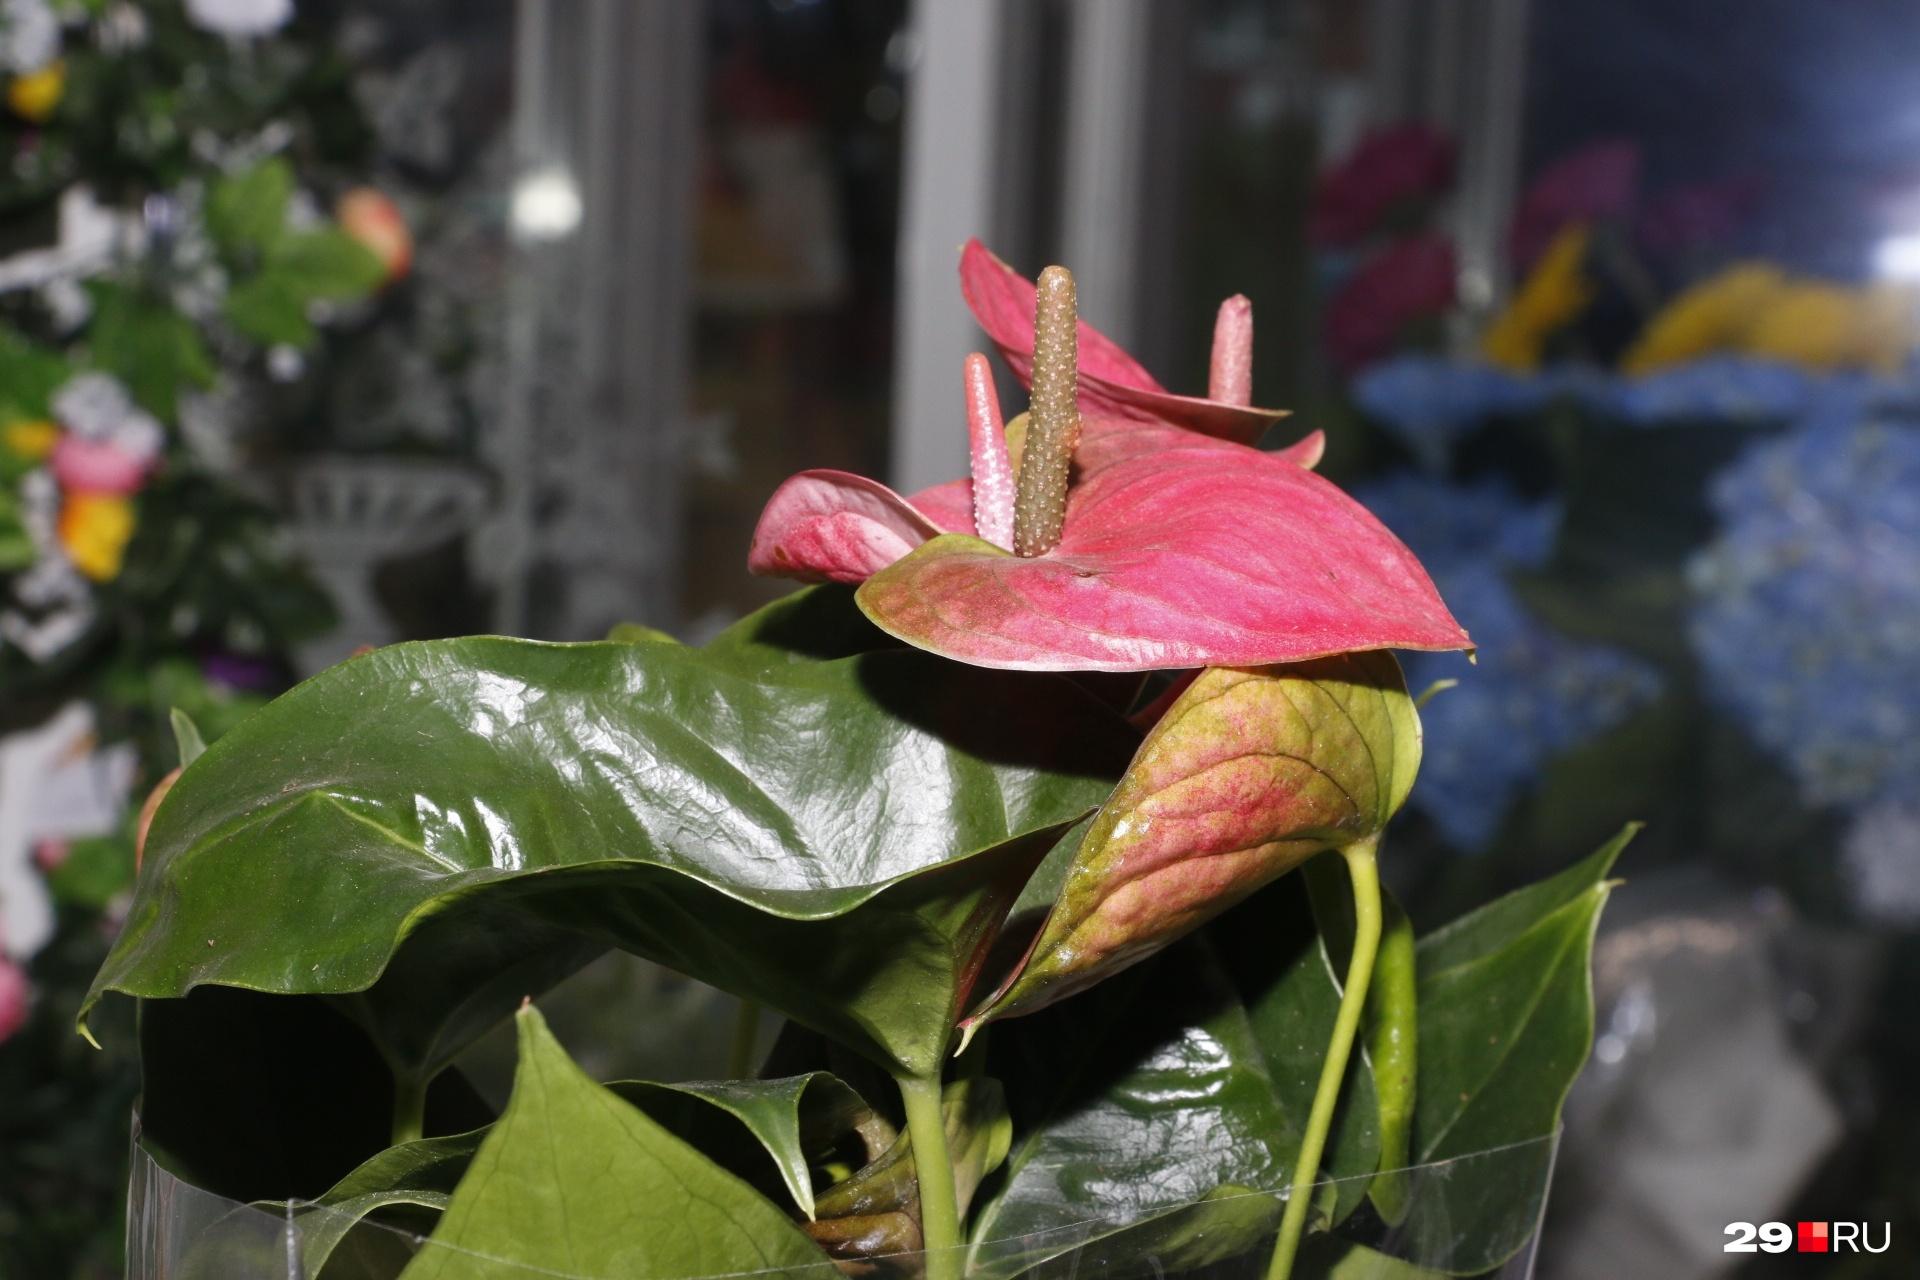 Считается, что антуриум — магический цветок, который помогает привлечь внимание мужчин. А еще — удачу и деньги